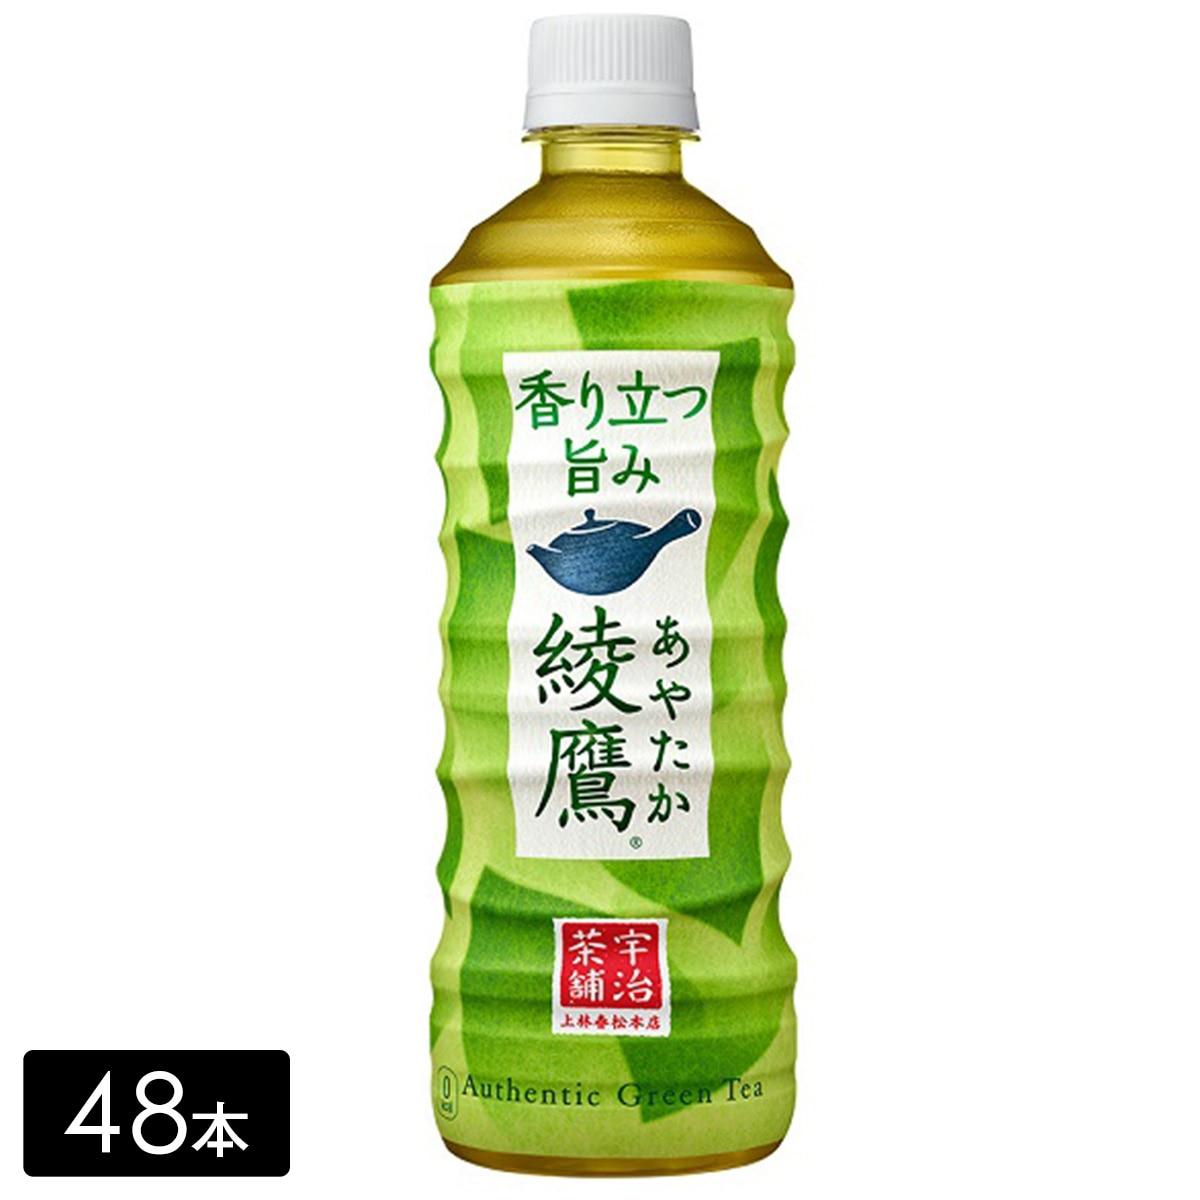 綾鷹 緑茶 525mL×48本